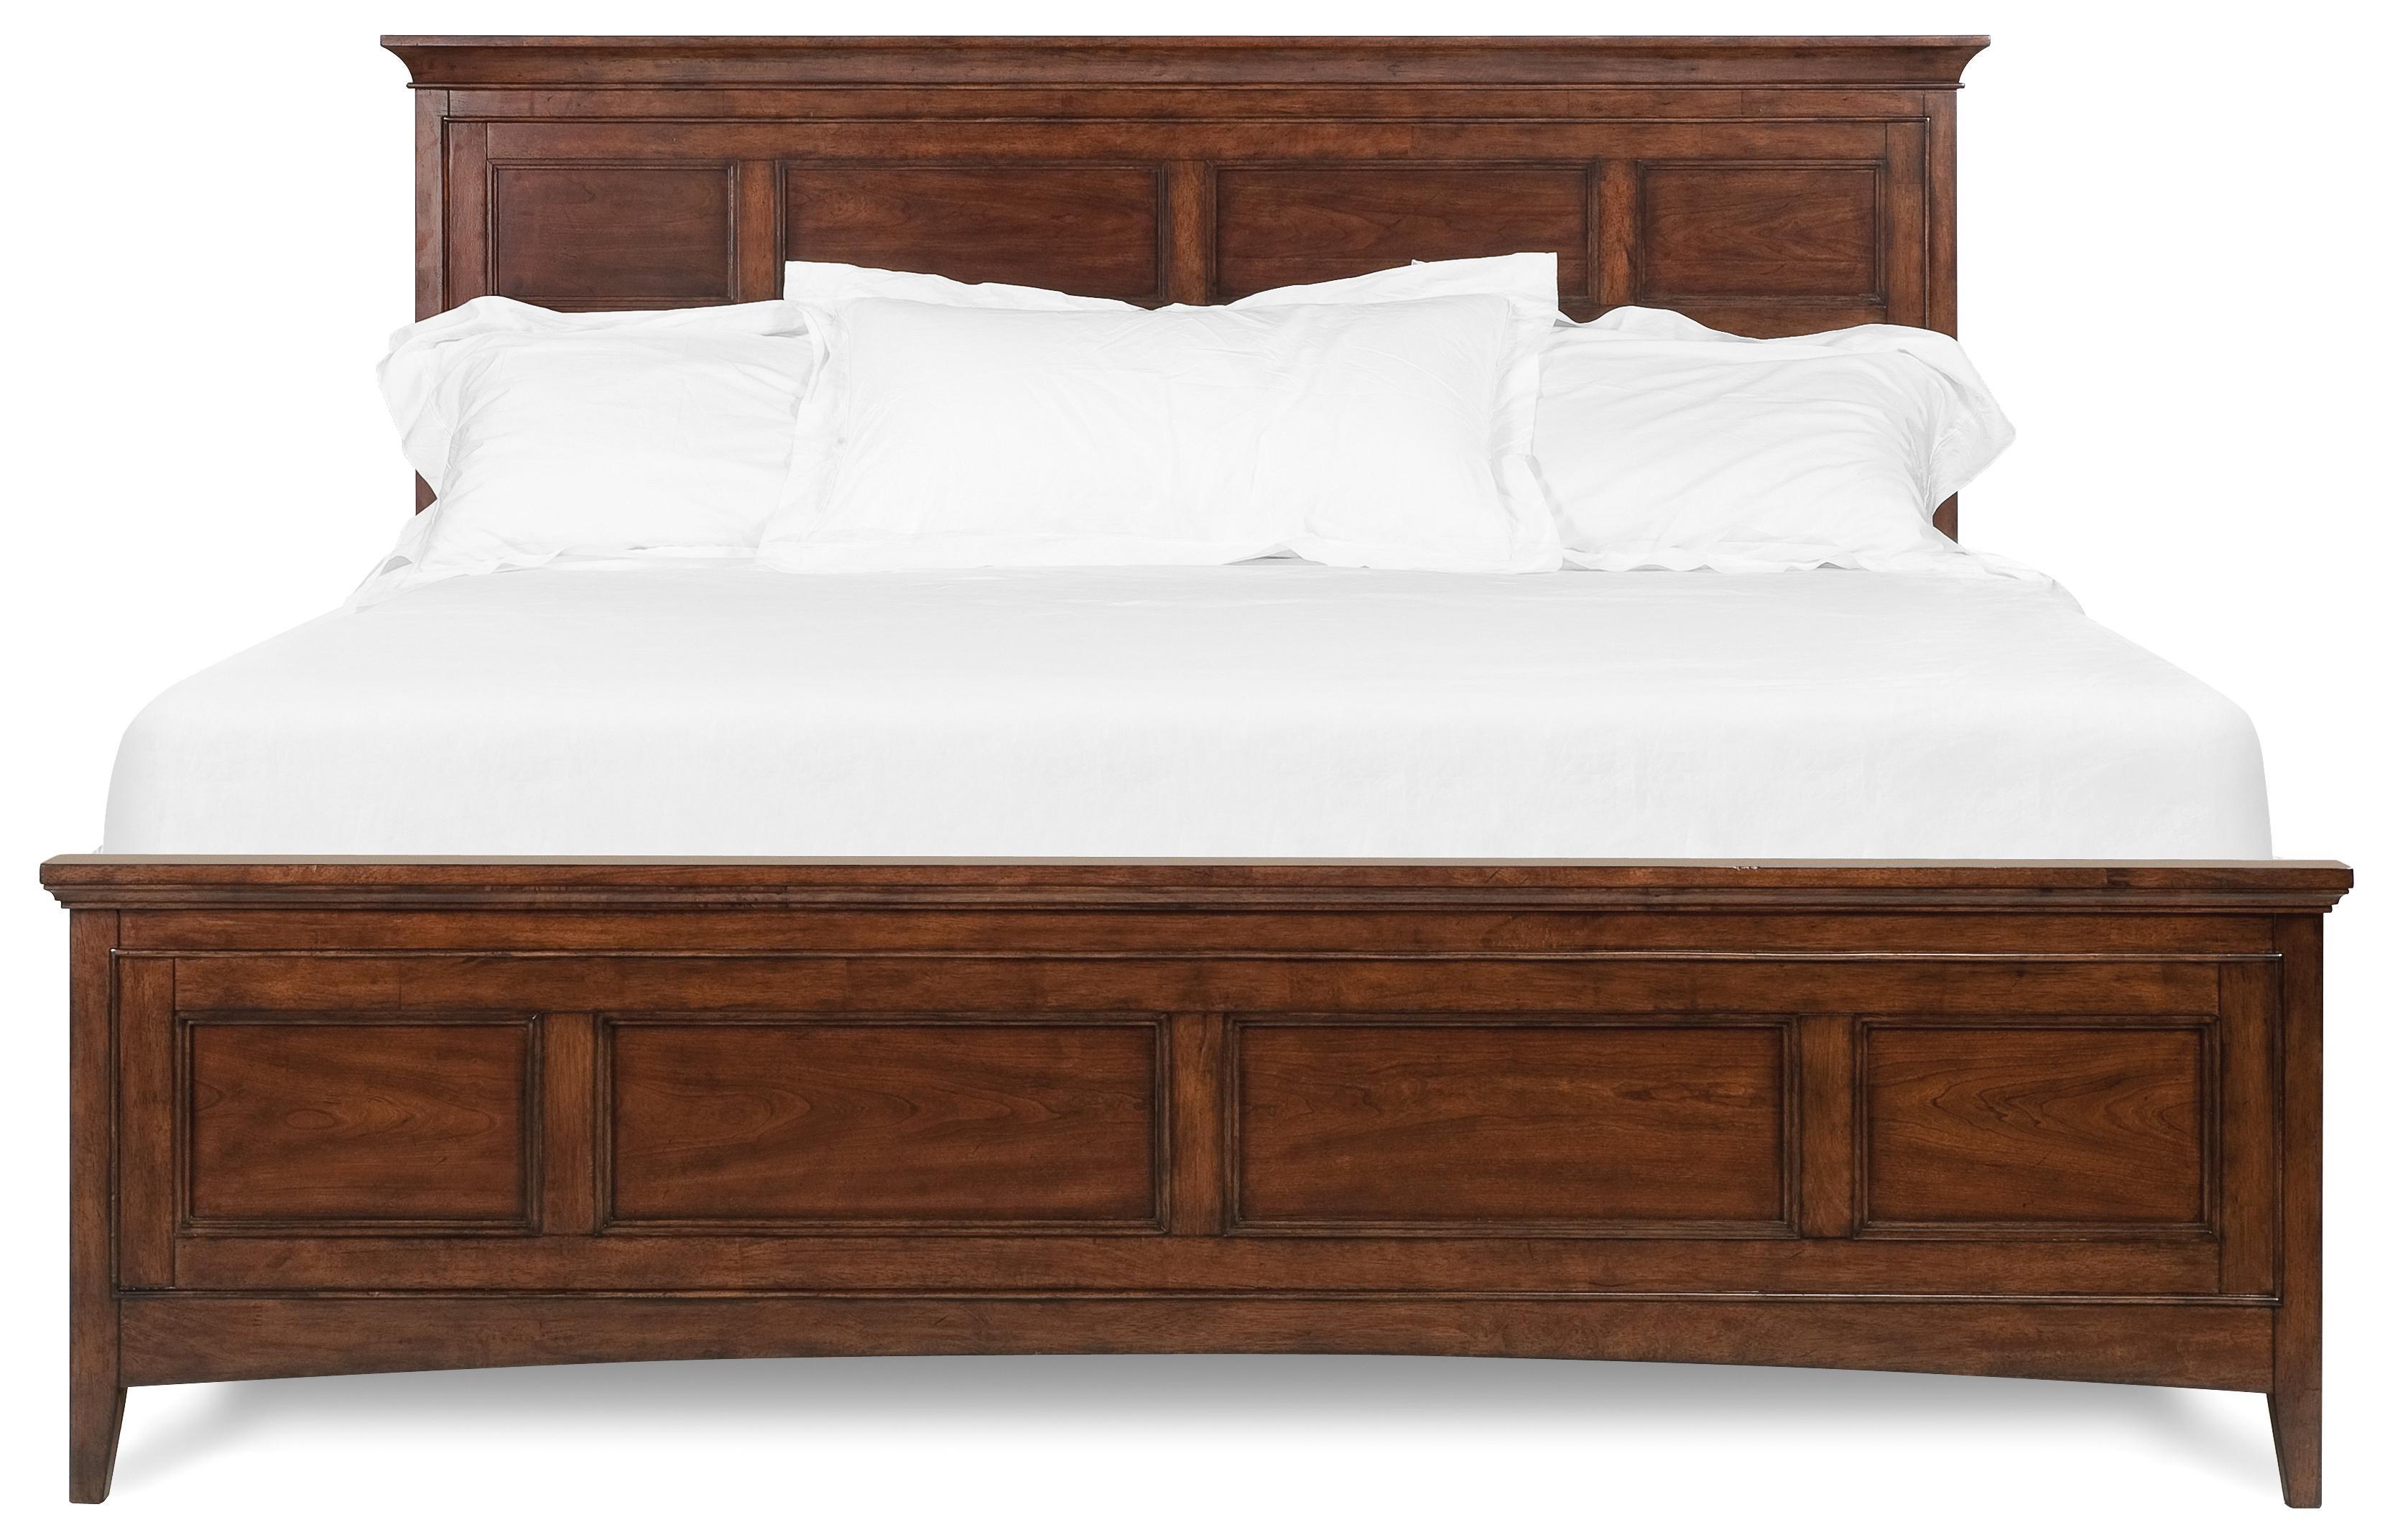 Belfort Select Harrison King Panel Bed - Item Number: B1398-64H+64F+54R